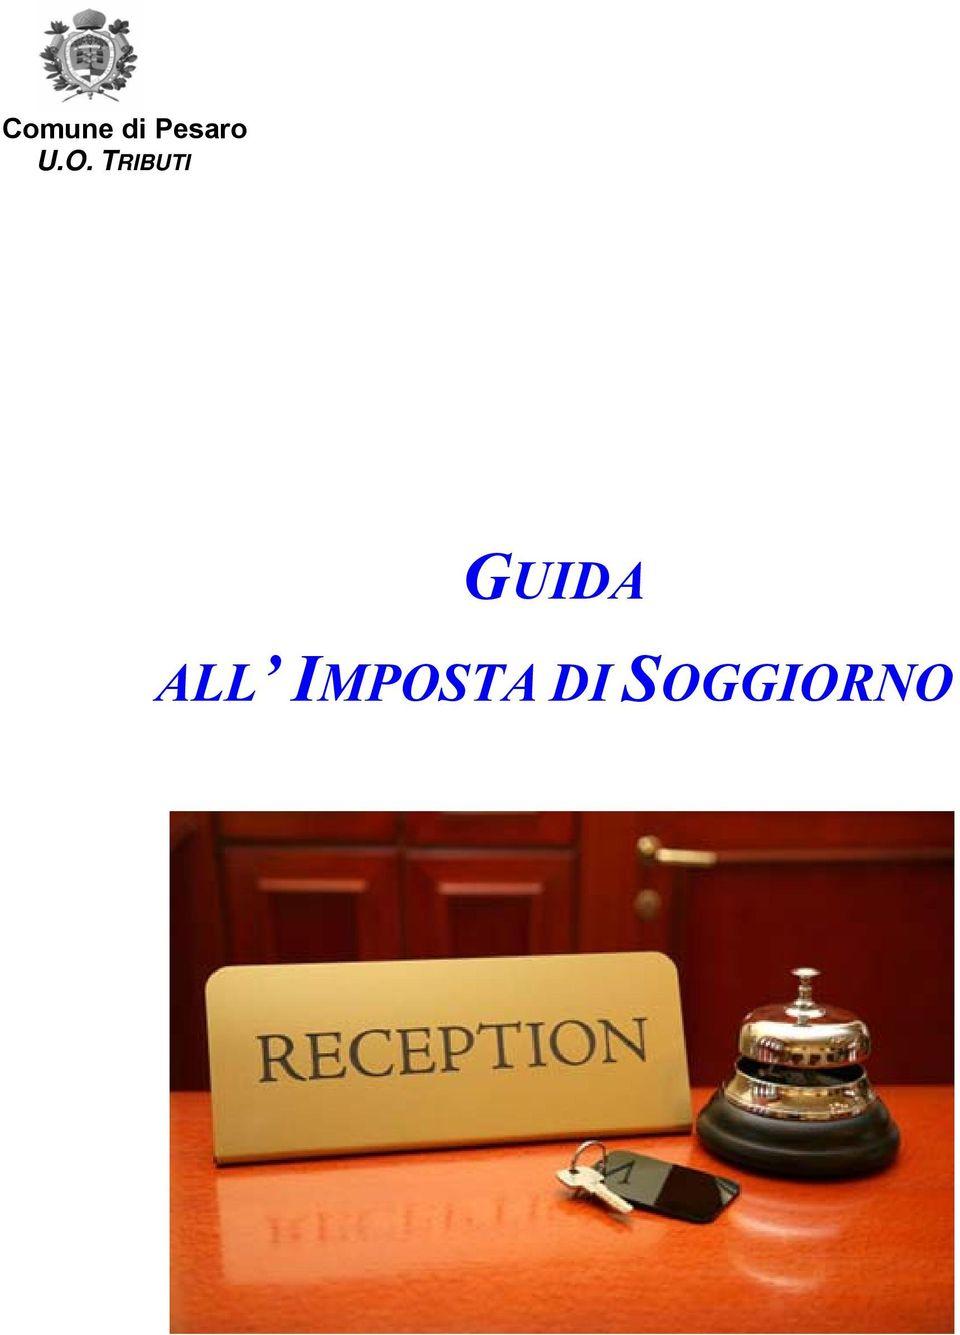 GUIDA ALL IMPOSTA DI SOGGIORNO  PDF